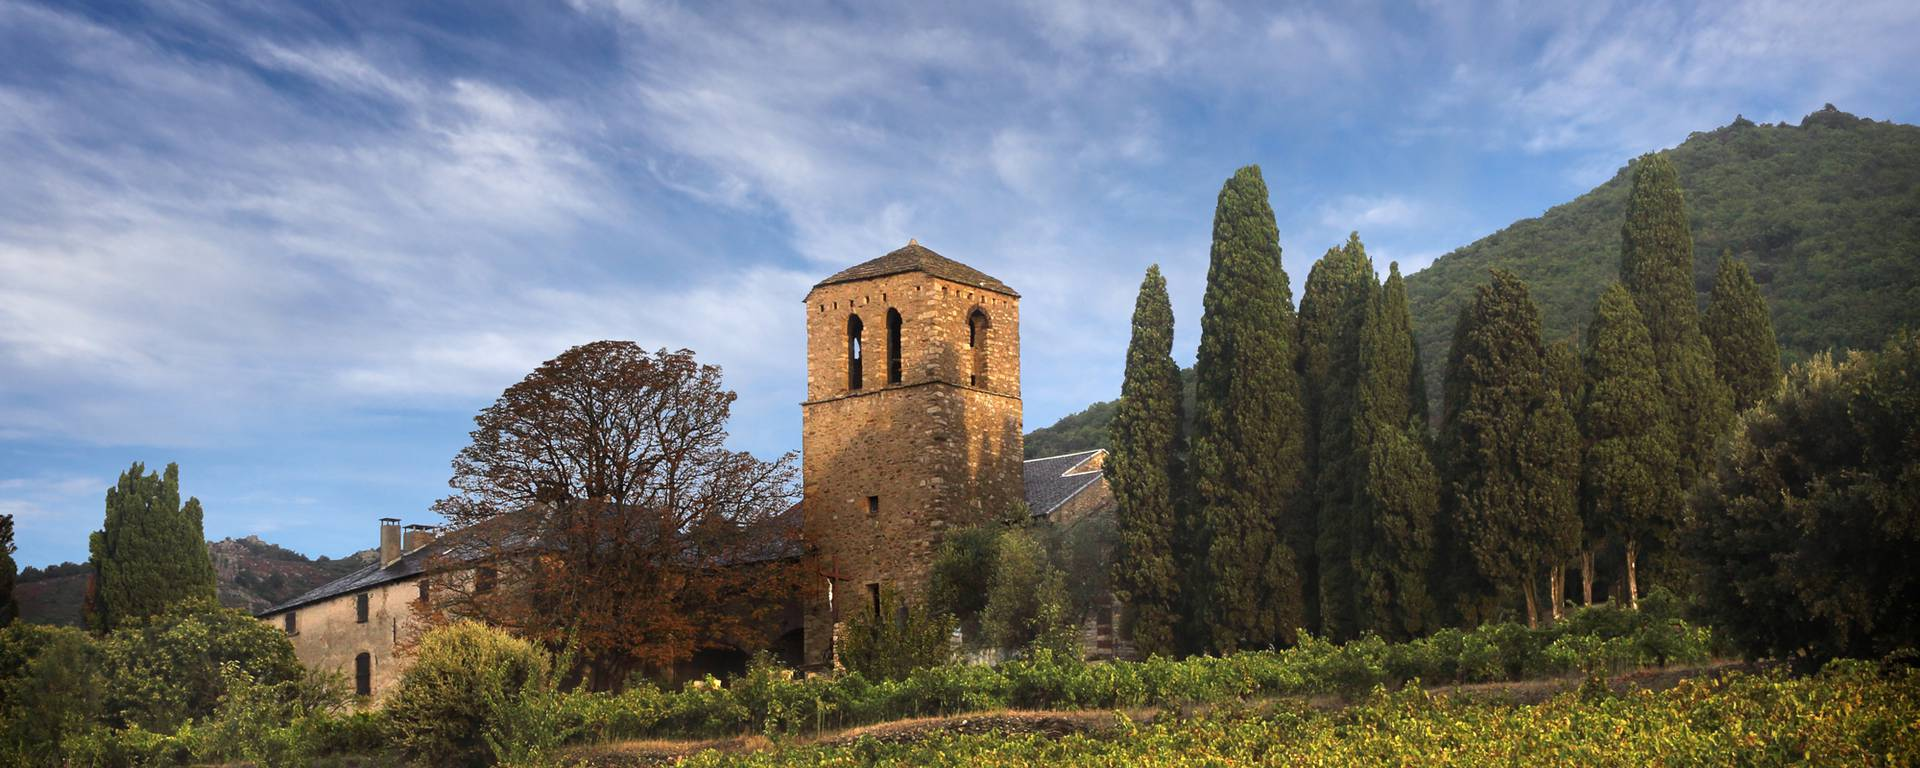 Saint Julien priory ©G.Souche